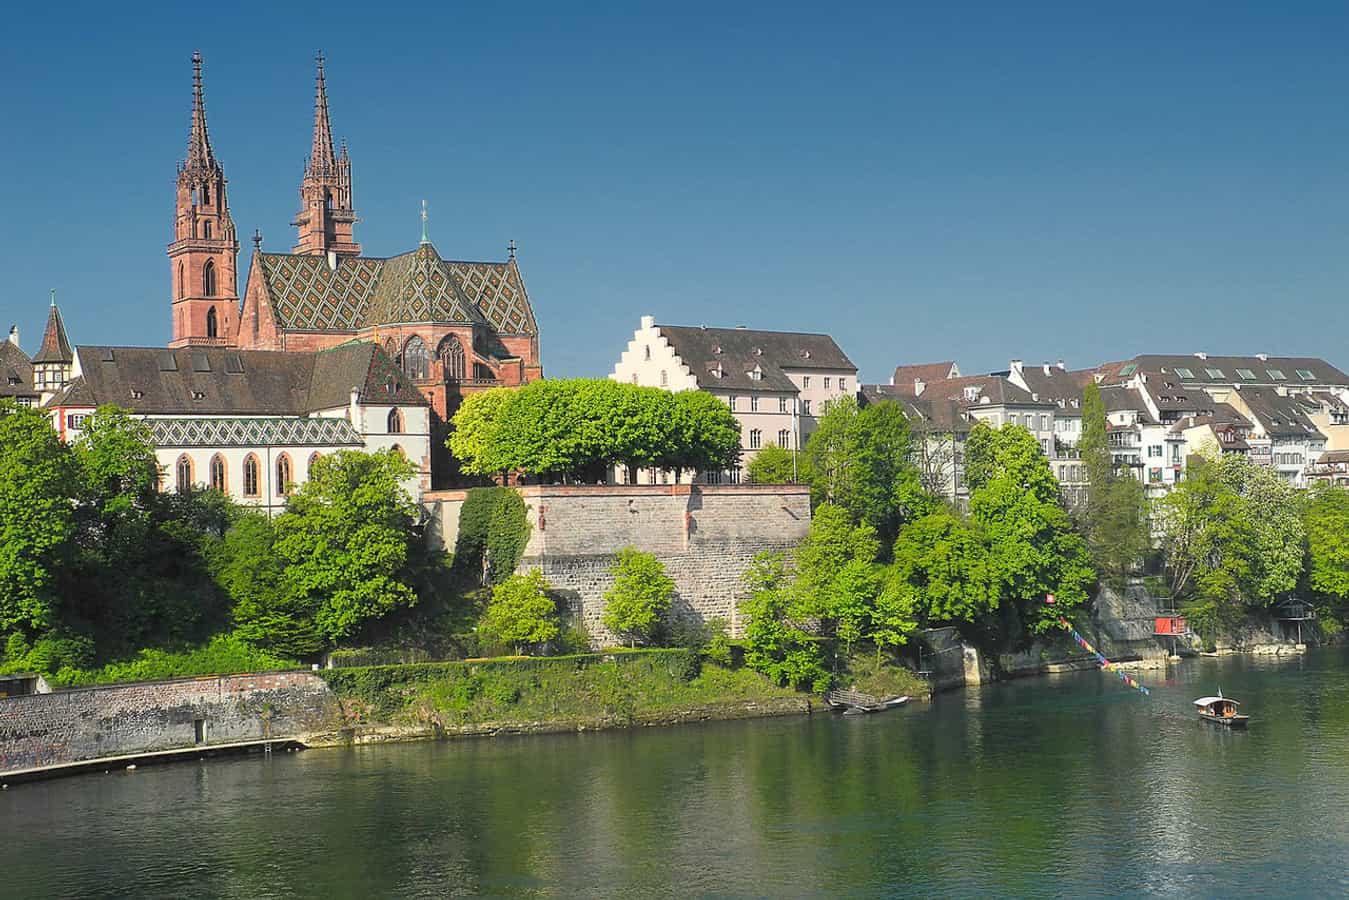 Das Basler Münster bildet zusammen mit seiner Pfalz das historische Zentrum der Stadt am Rheinknie